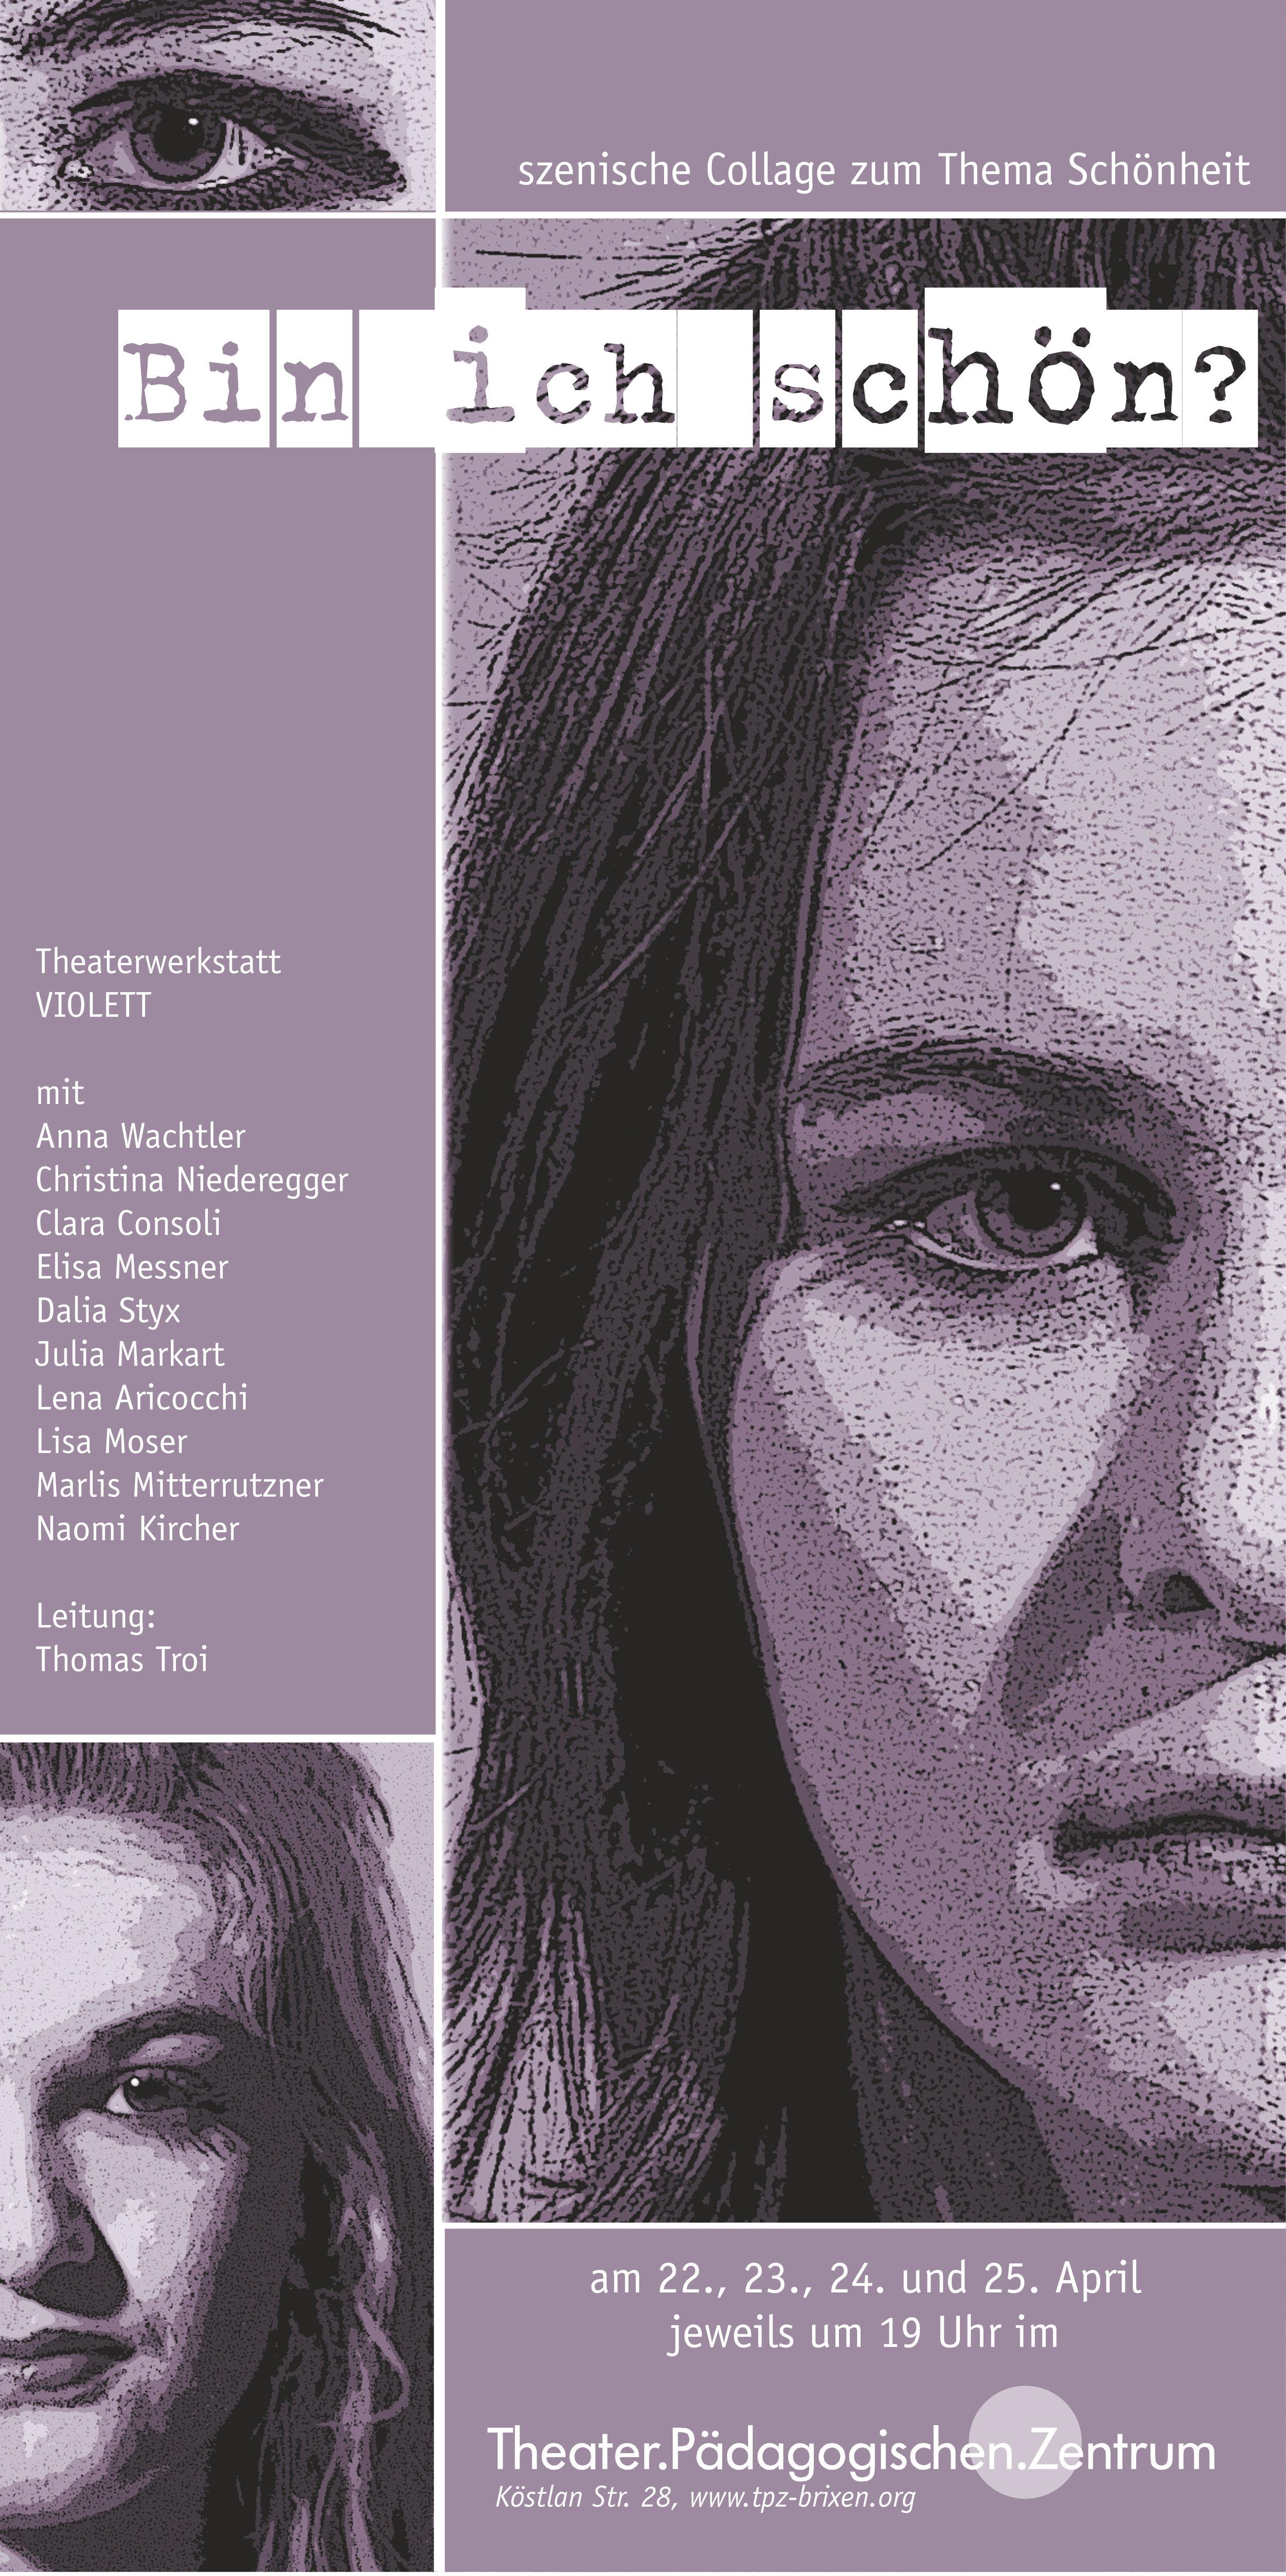 2010 violett bin ich schön plakat.jpg